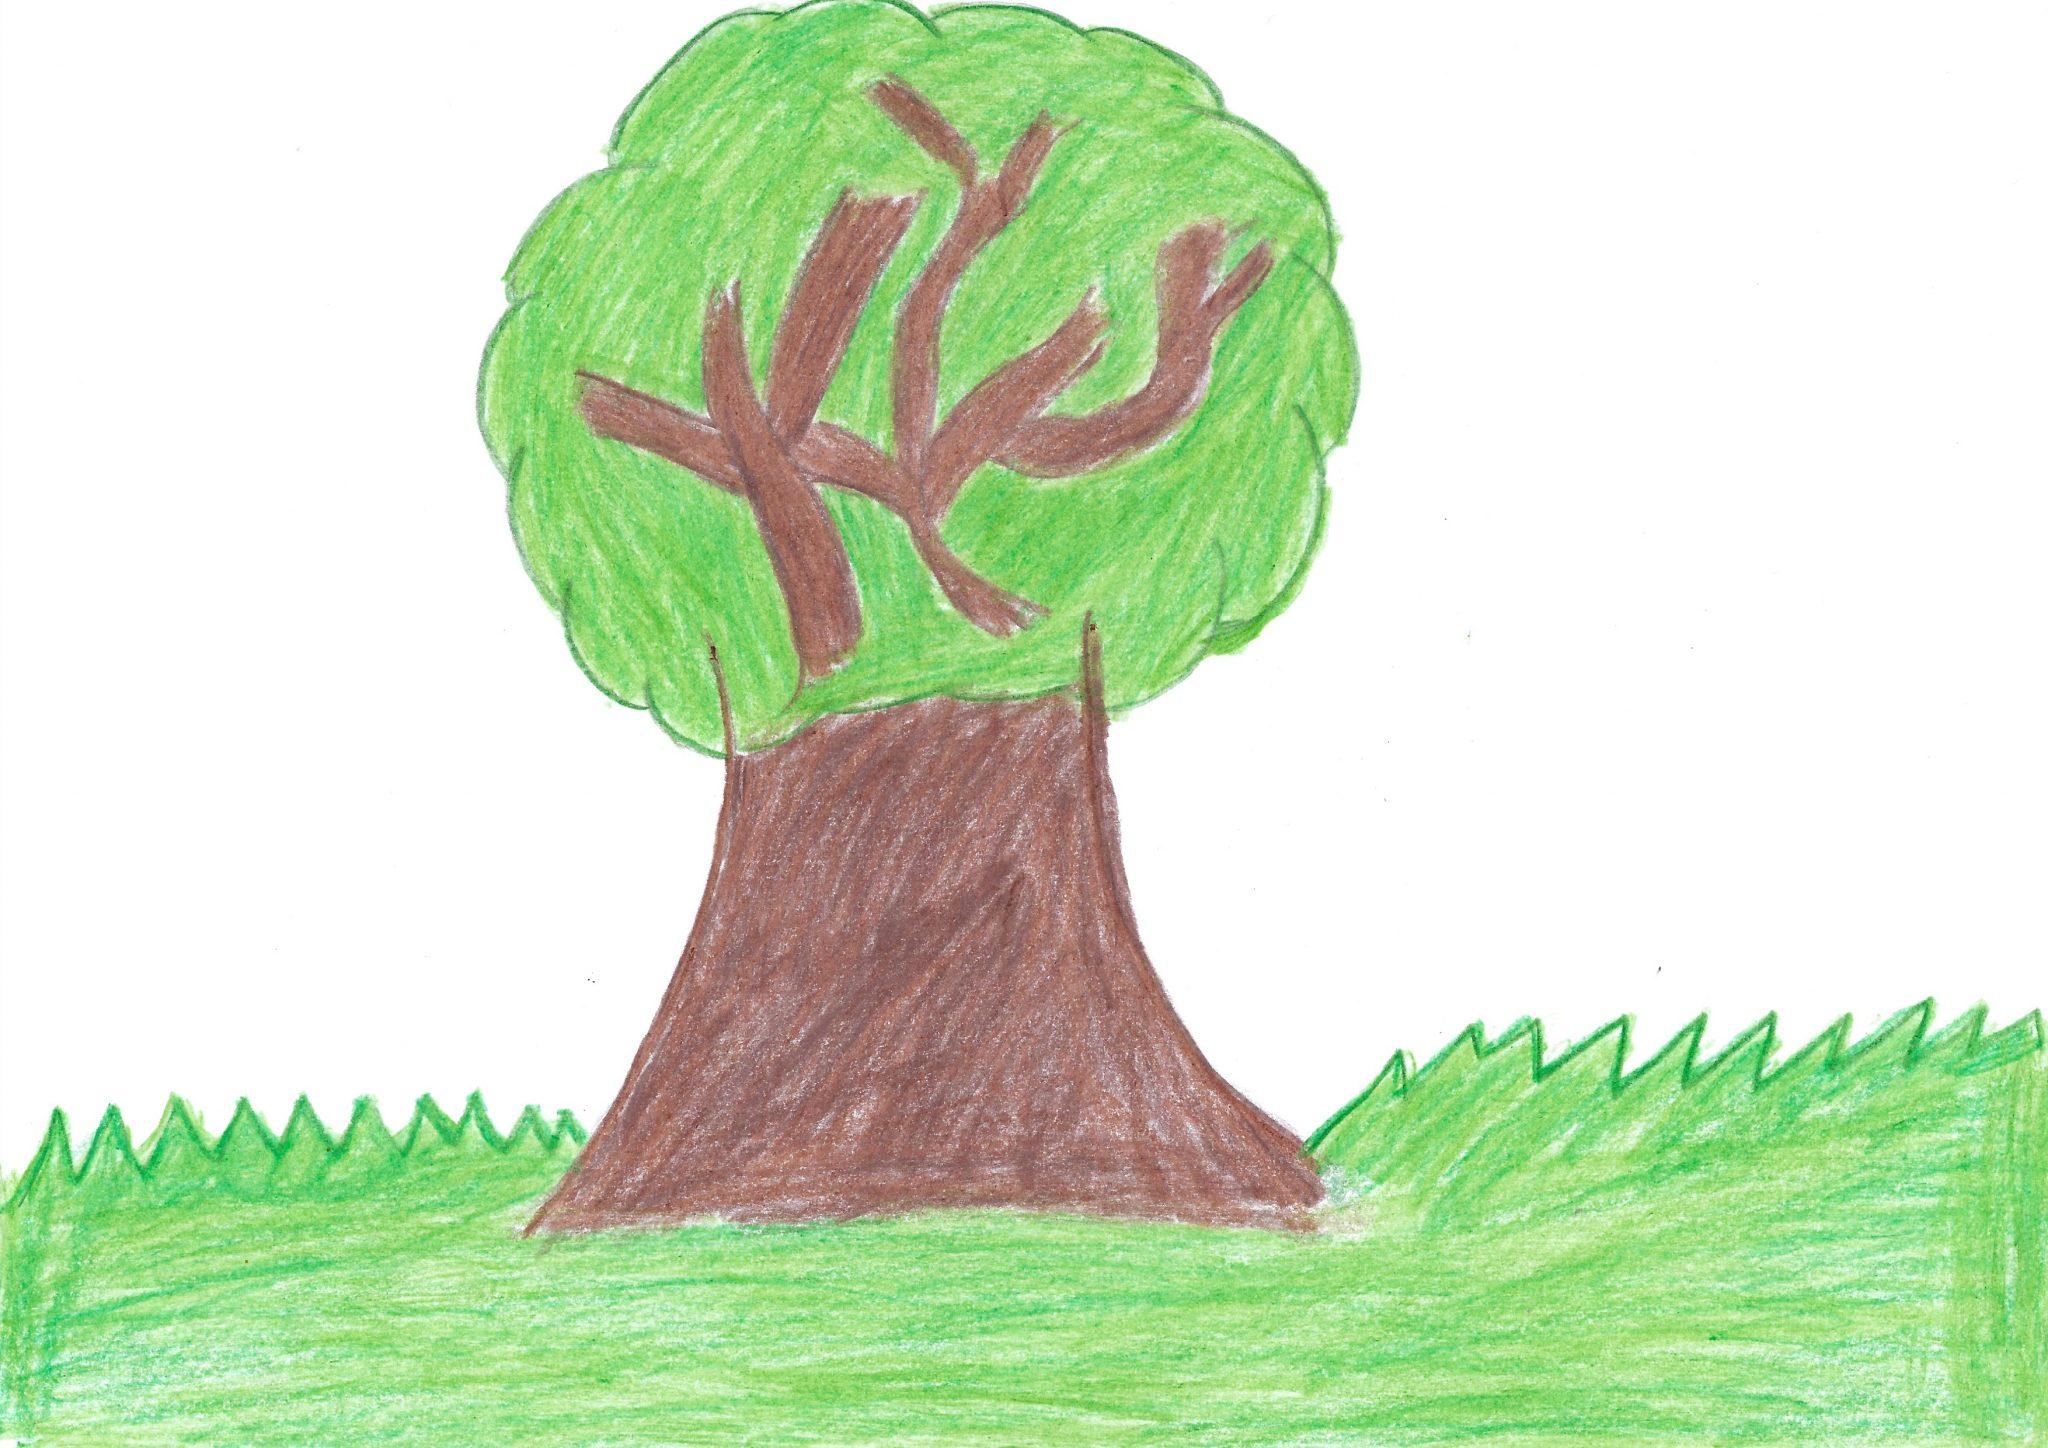 Yvyra — The tree